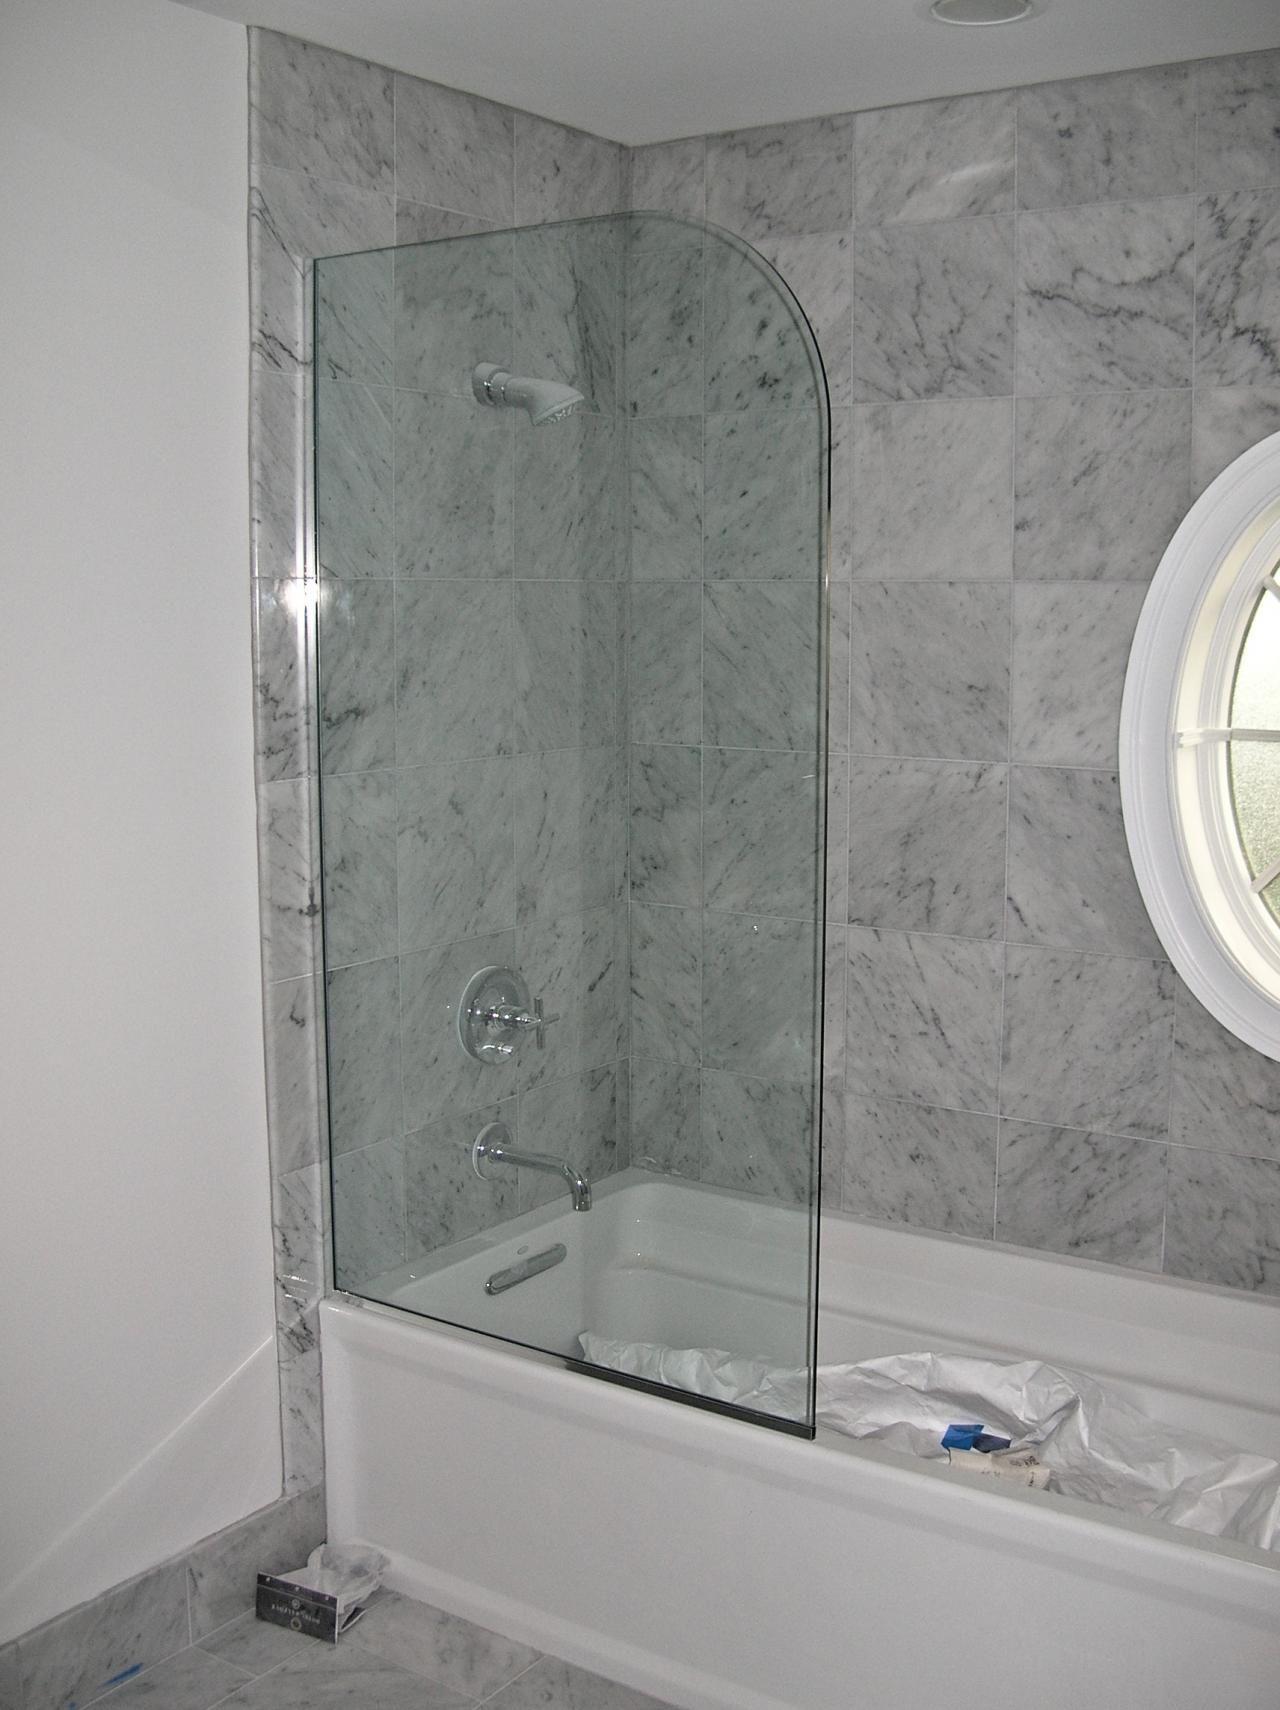 Glass splash panels for shower | Bath tub doors | Pinterest | Glass ...